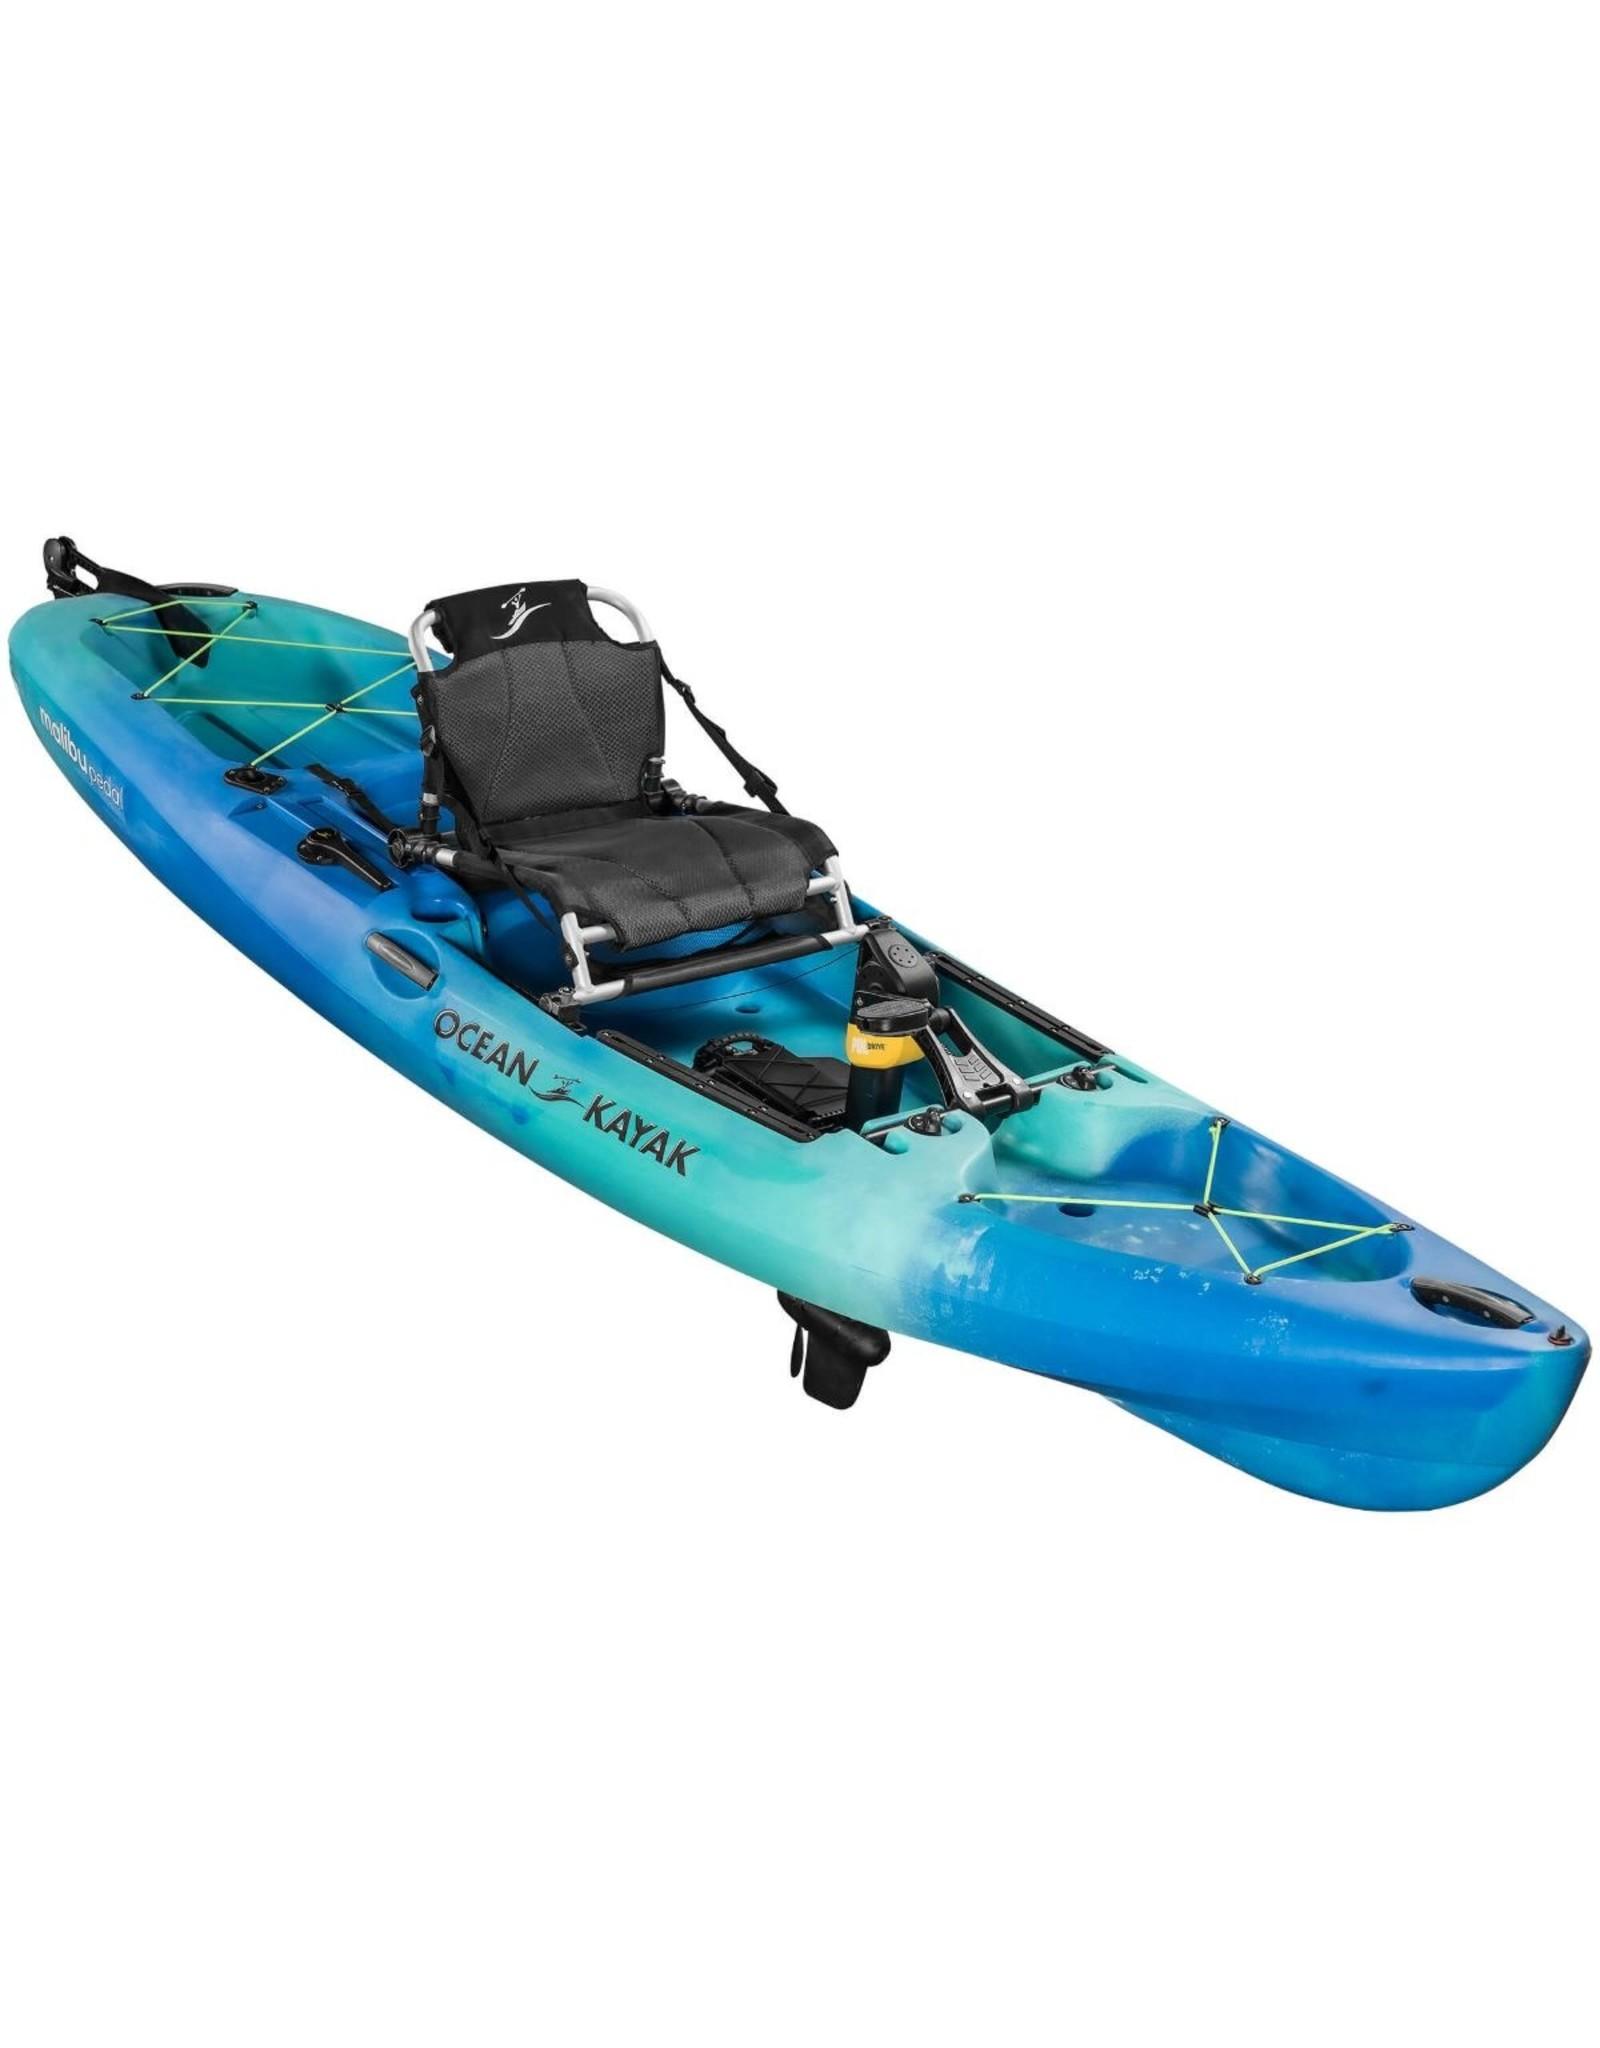 Old Town Ocean Kayak Malibu PDL (Teal/Blue)